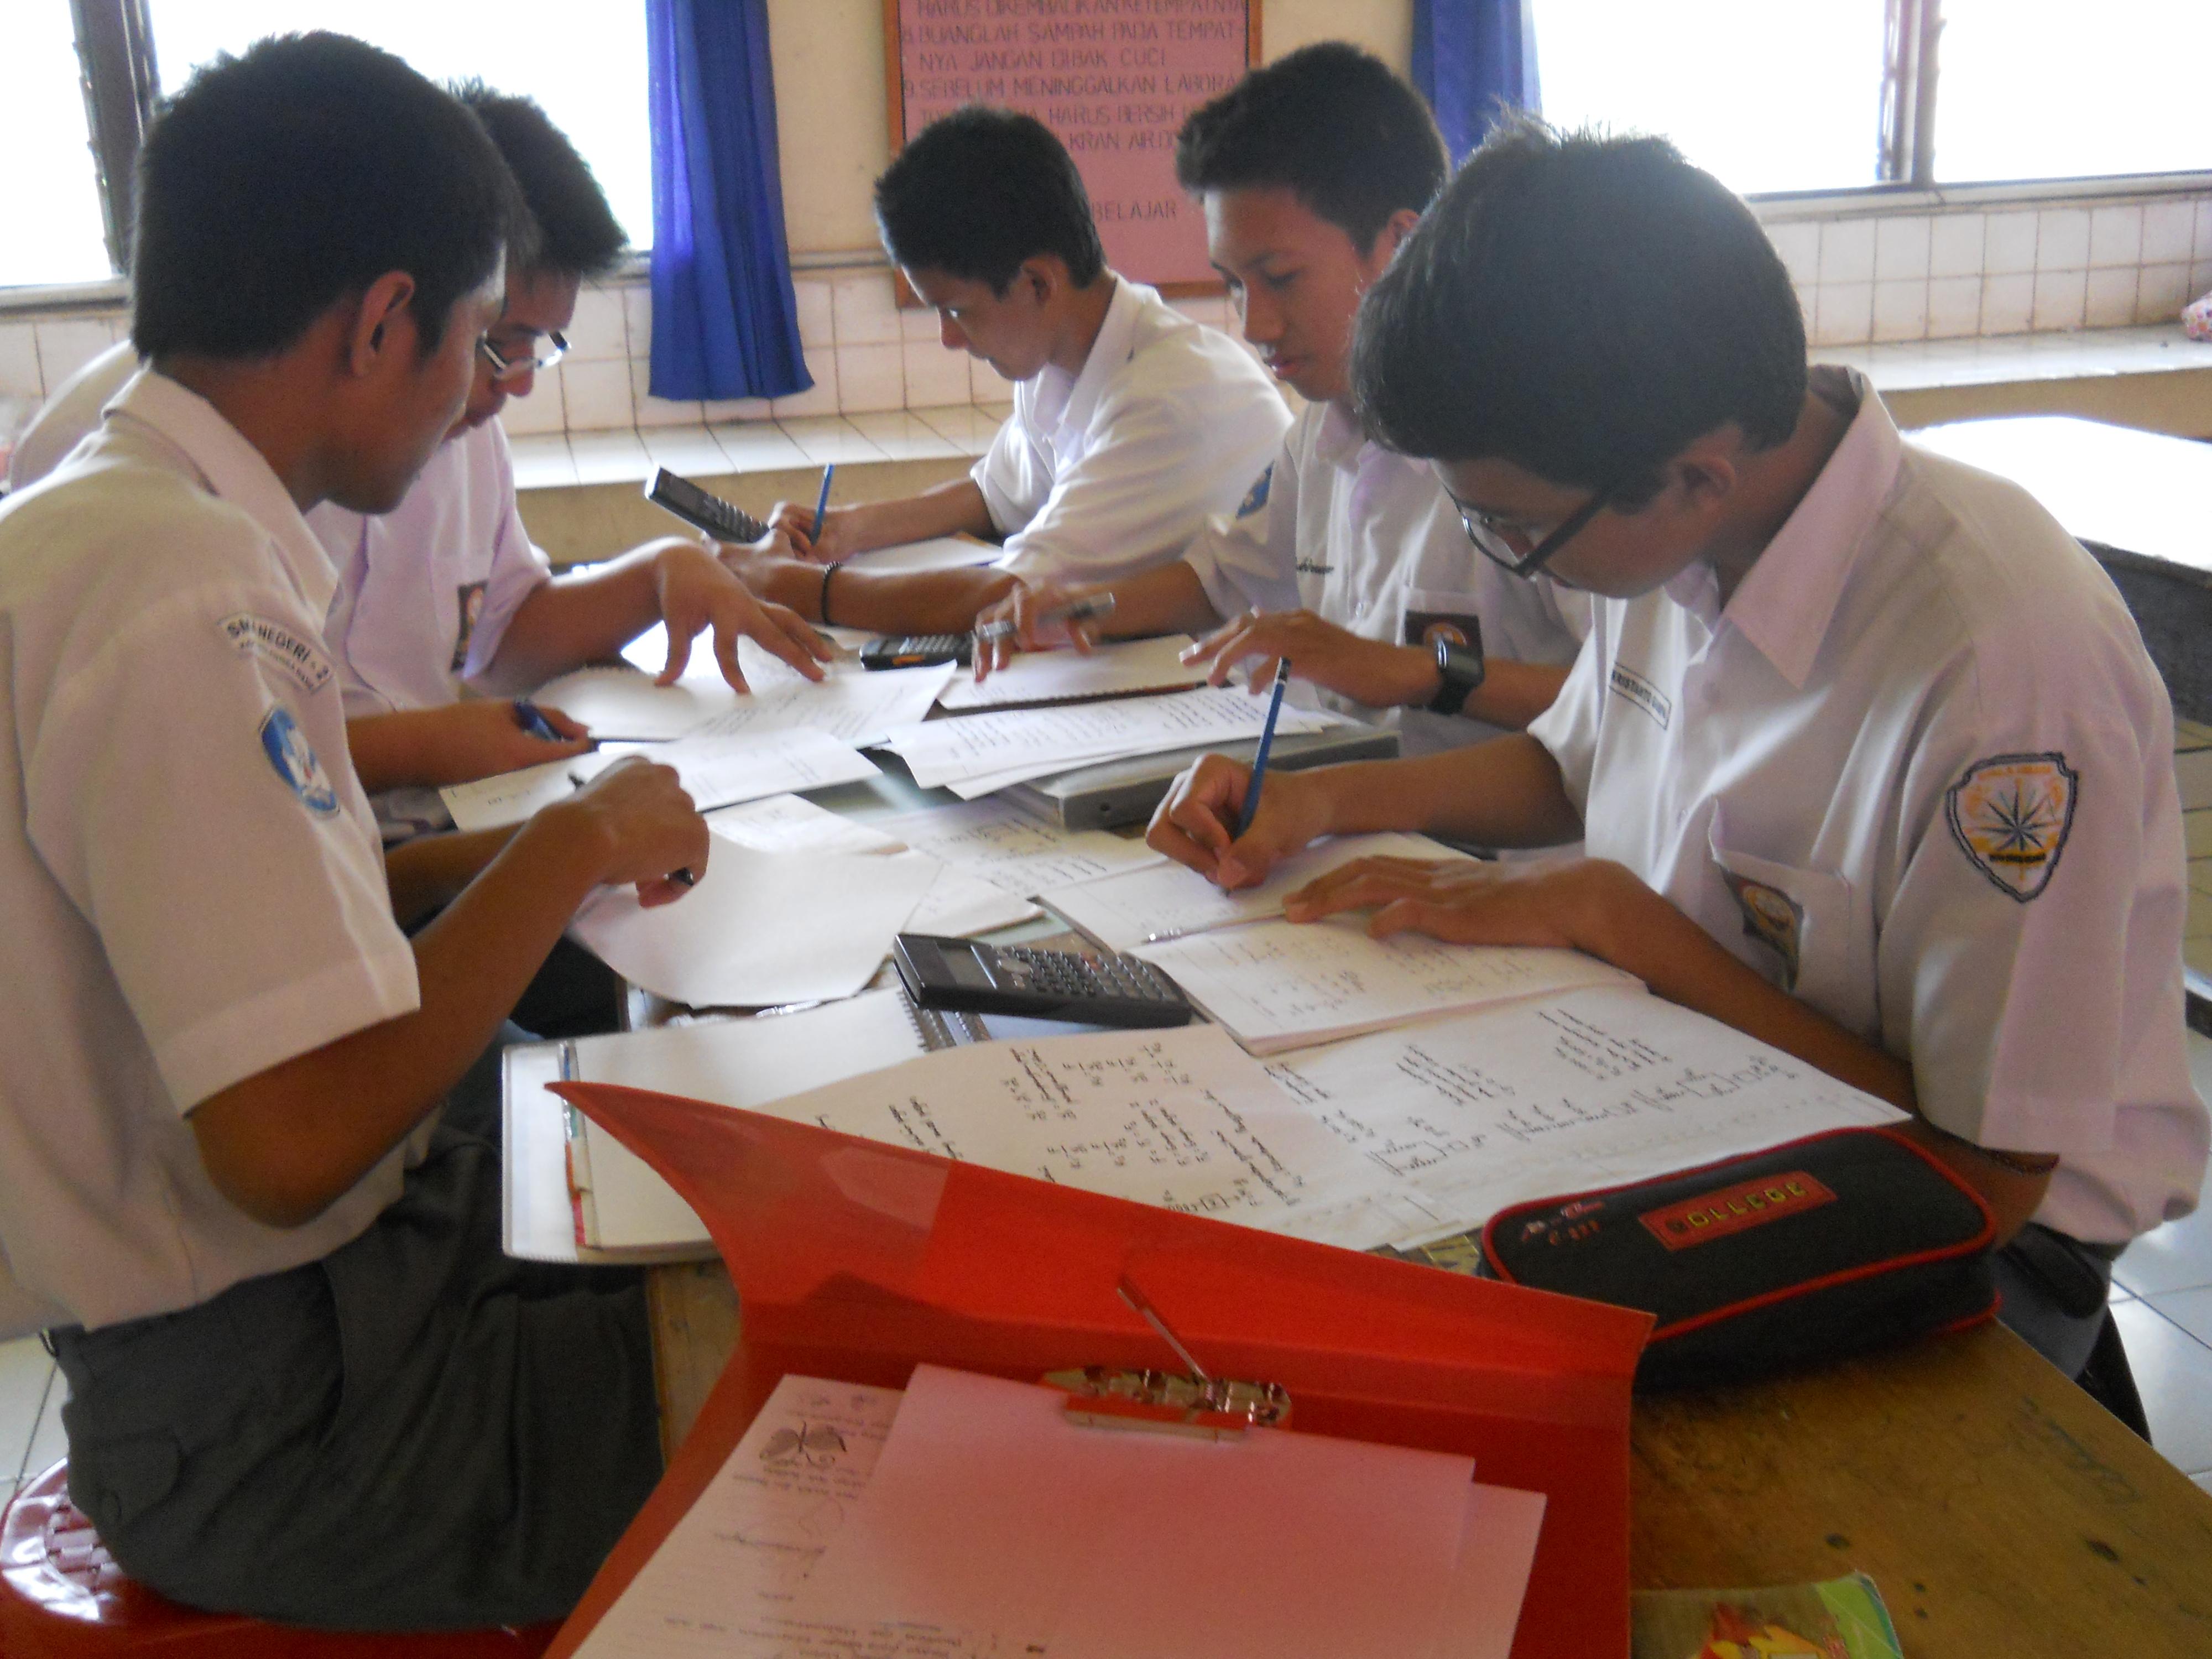 Hasil gambar untuk siswa sma belajar kelompok